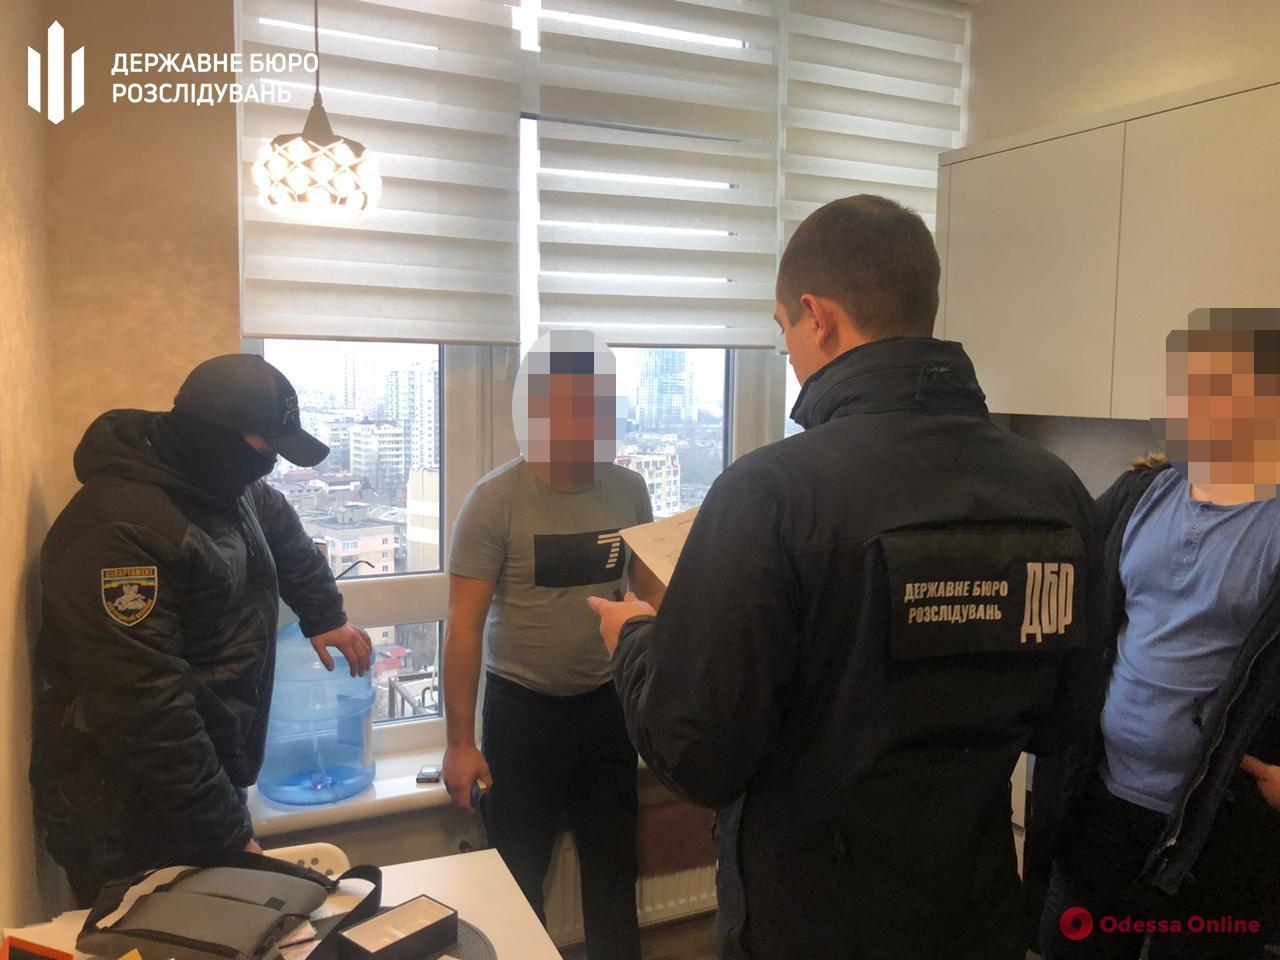 В Одессе будут судить двух полицейских и израильтянина за мошенничество